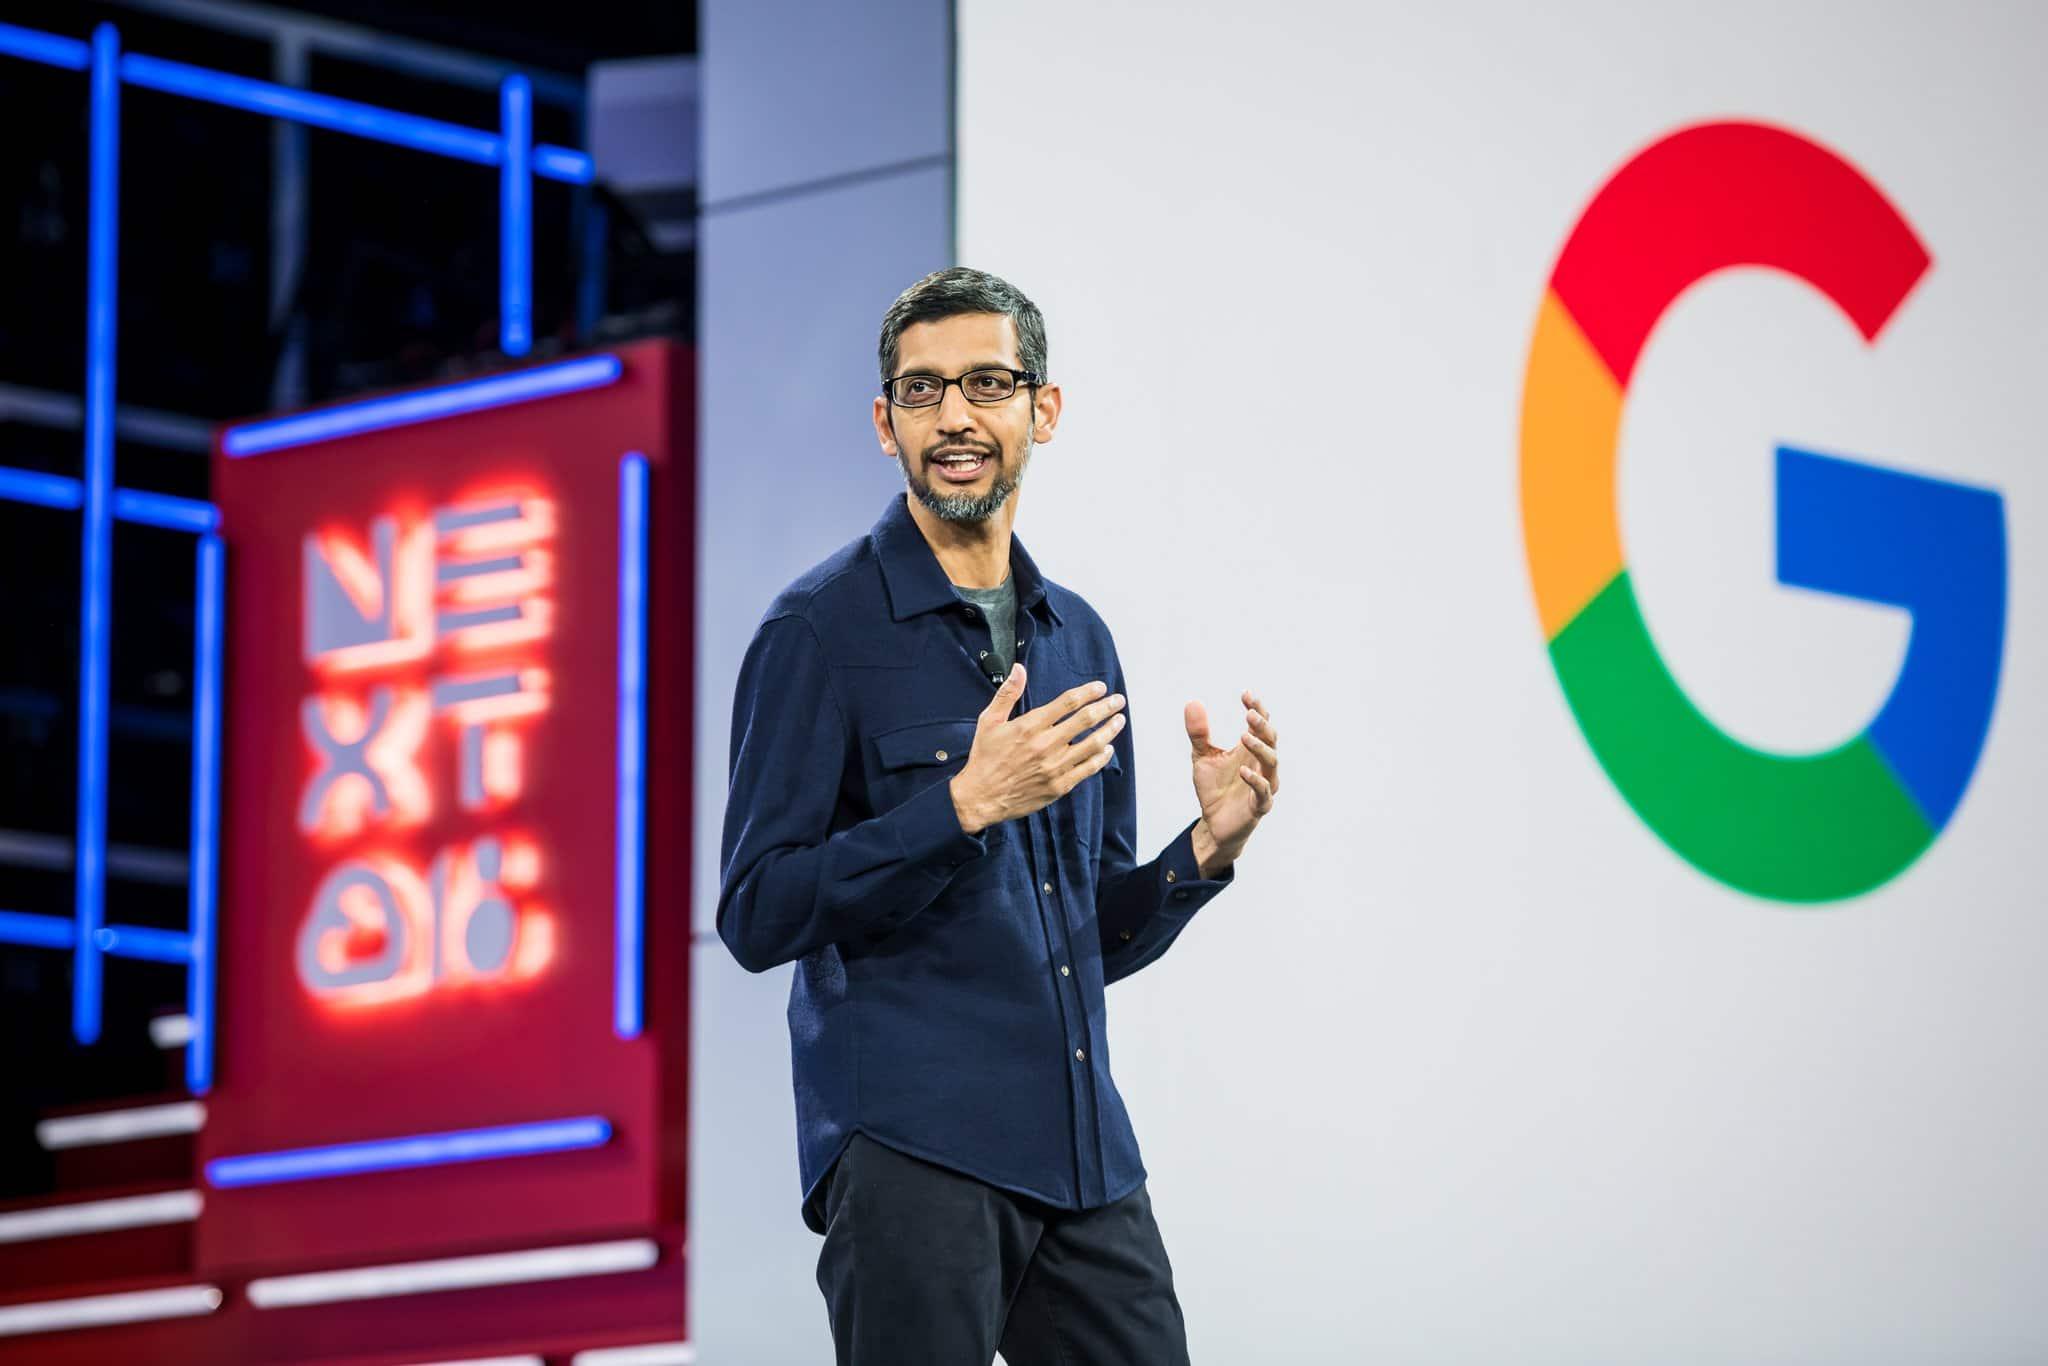 Google and Alphabet CEO Sundar Pichai